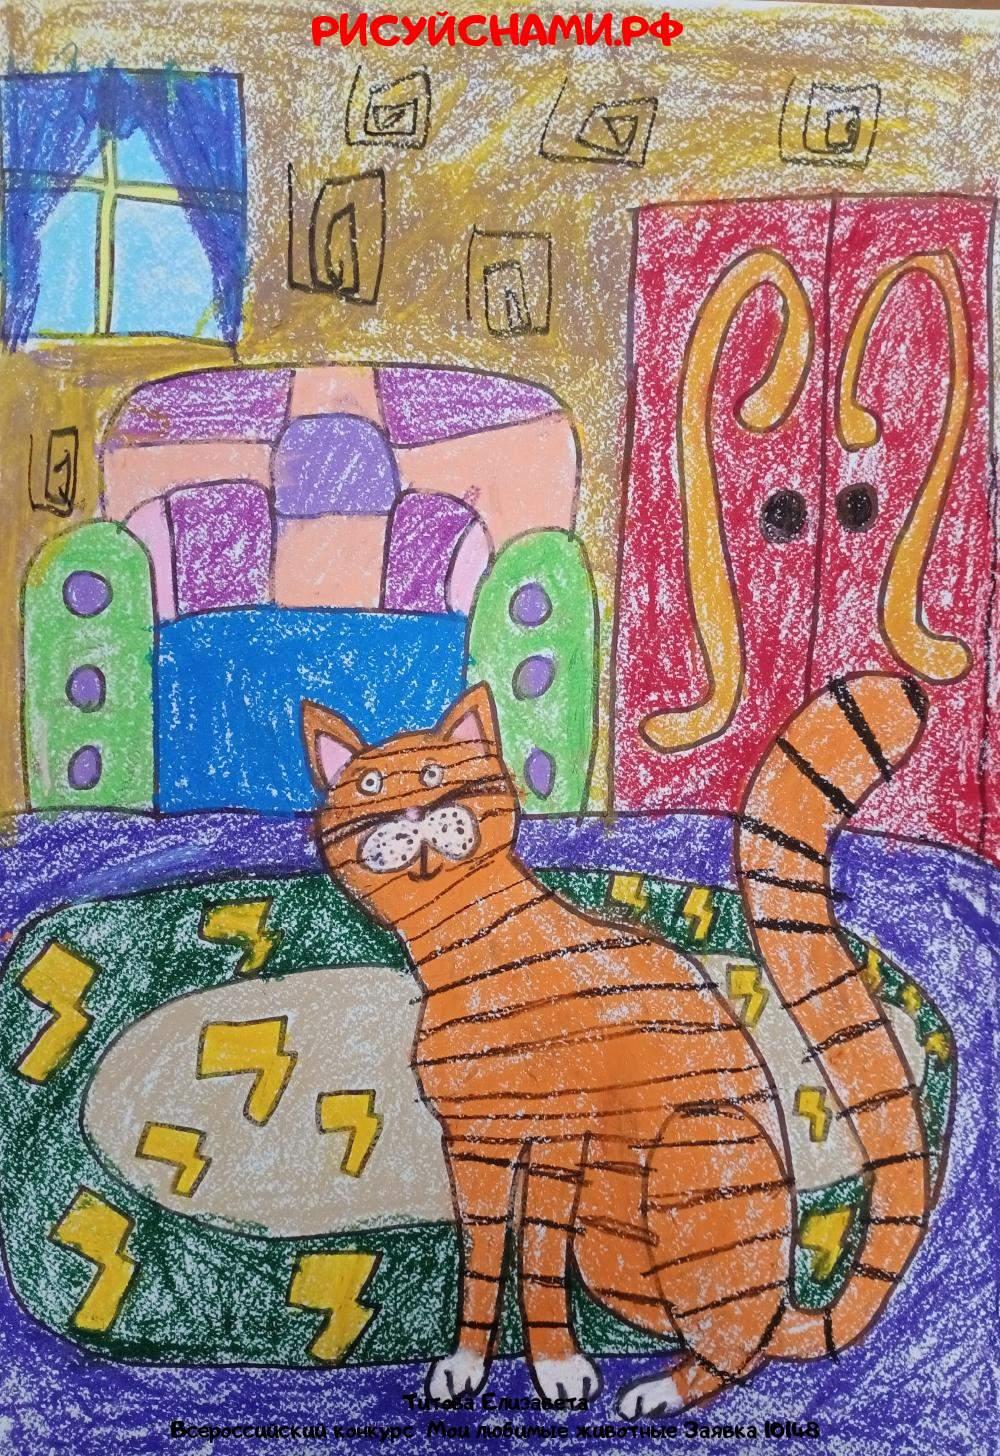 Всероссийский конкурс  Мои любимые животные Заявка 10148  творческие конкурсы рисунков для школьников и дошкольников рисуй с нами #тмрисуйснами рисунок и поделка - Титова Елизавета